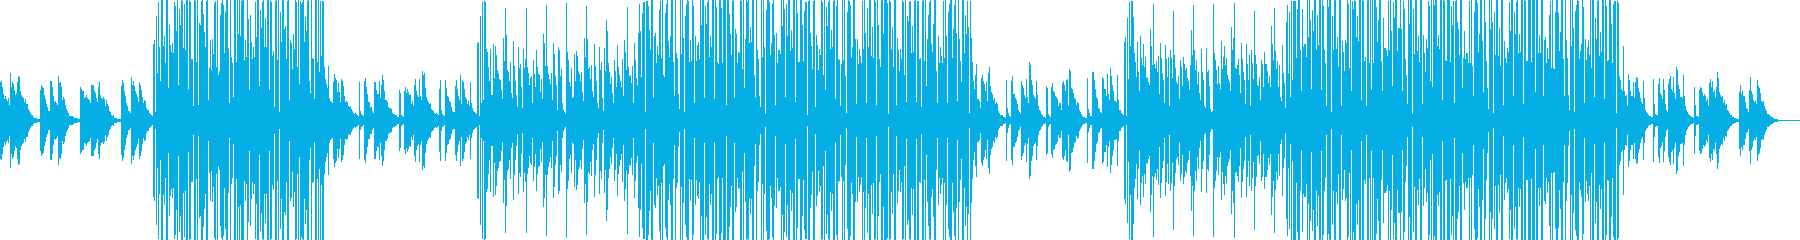 バレンタインに合うLofiヒップホップの再生済みの波形